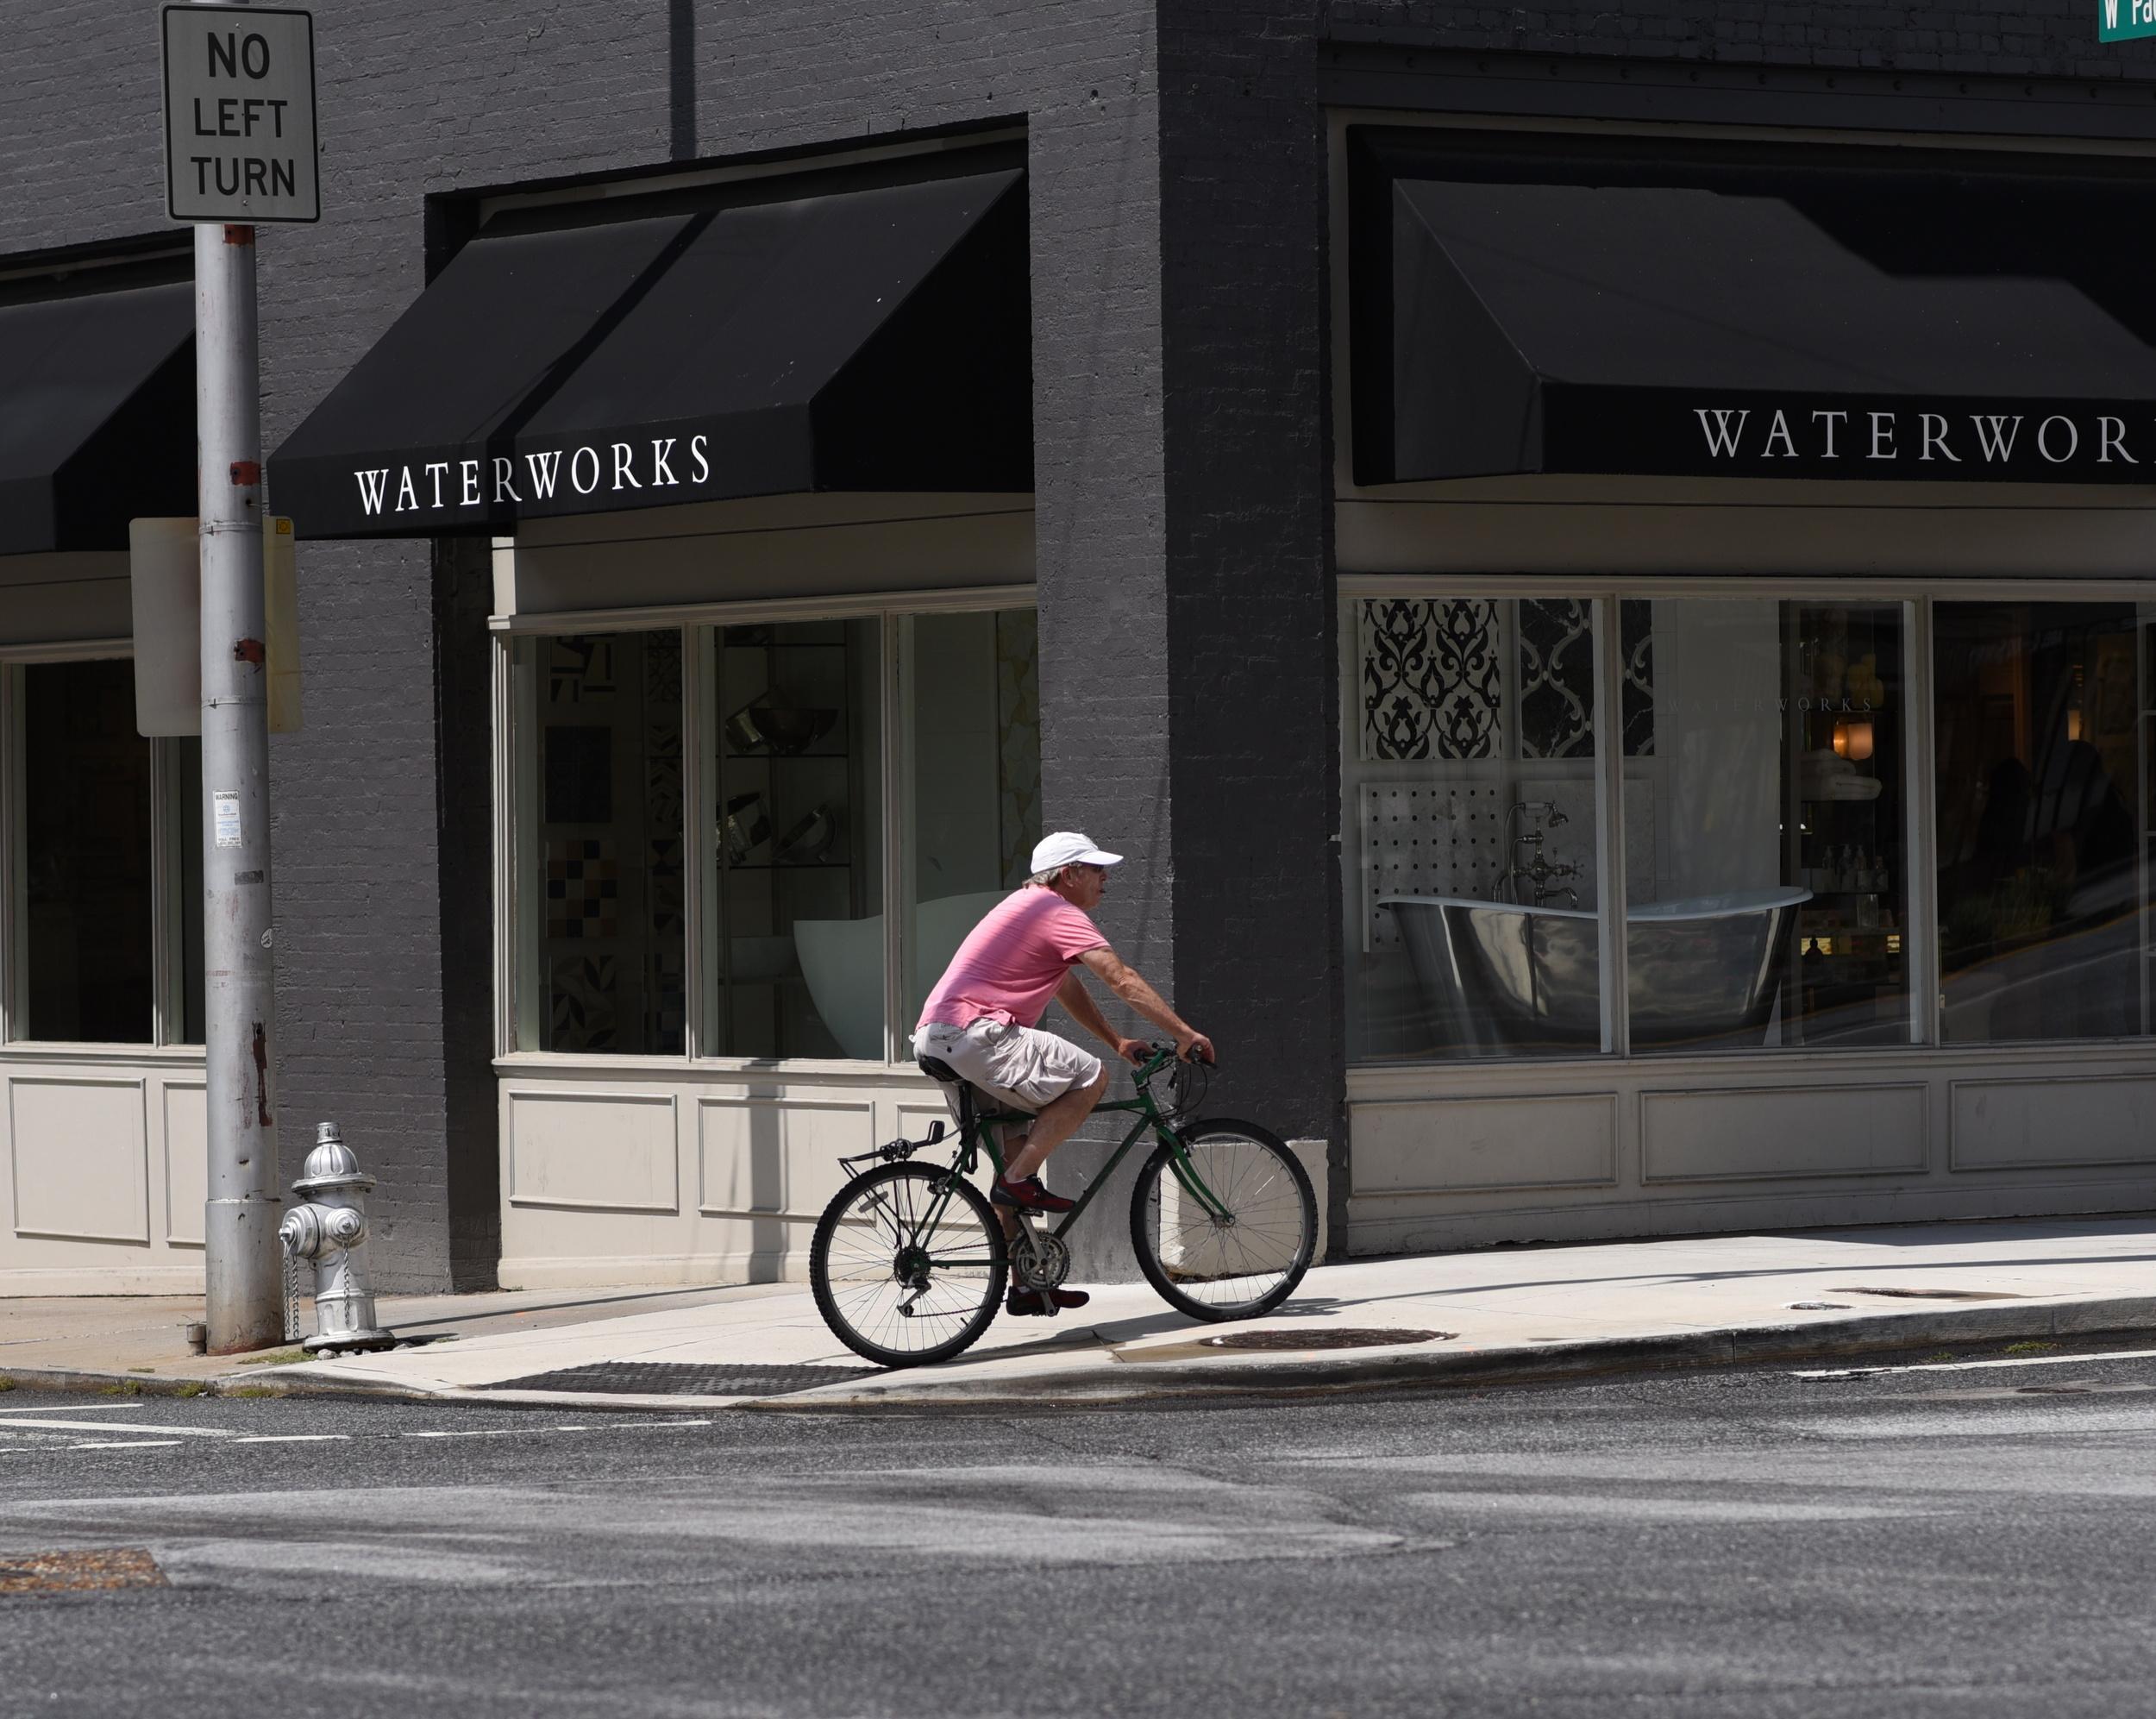 guy-riding-bike.jpg